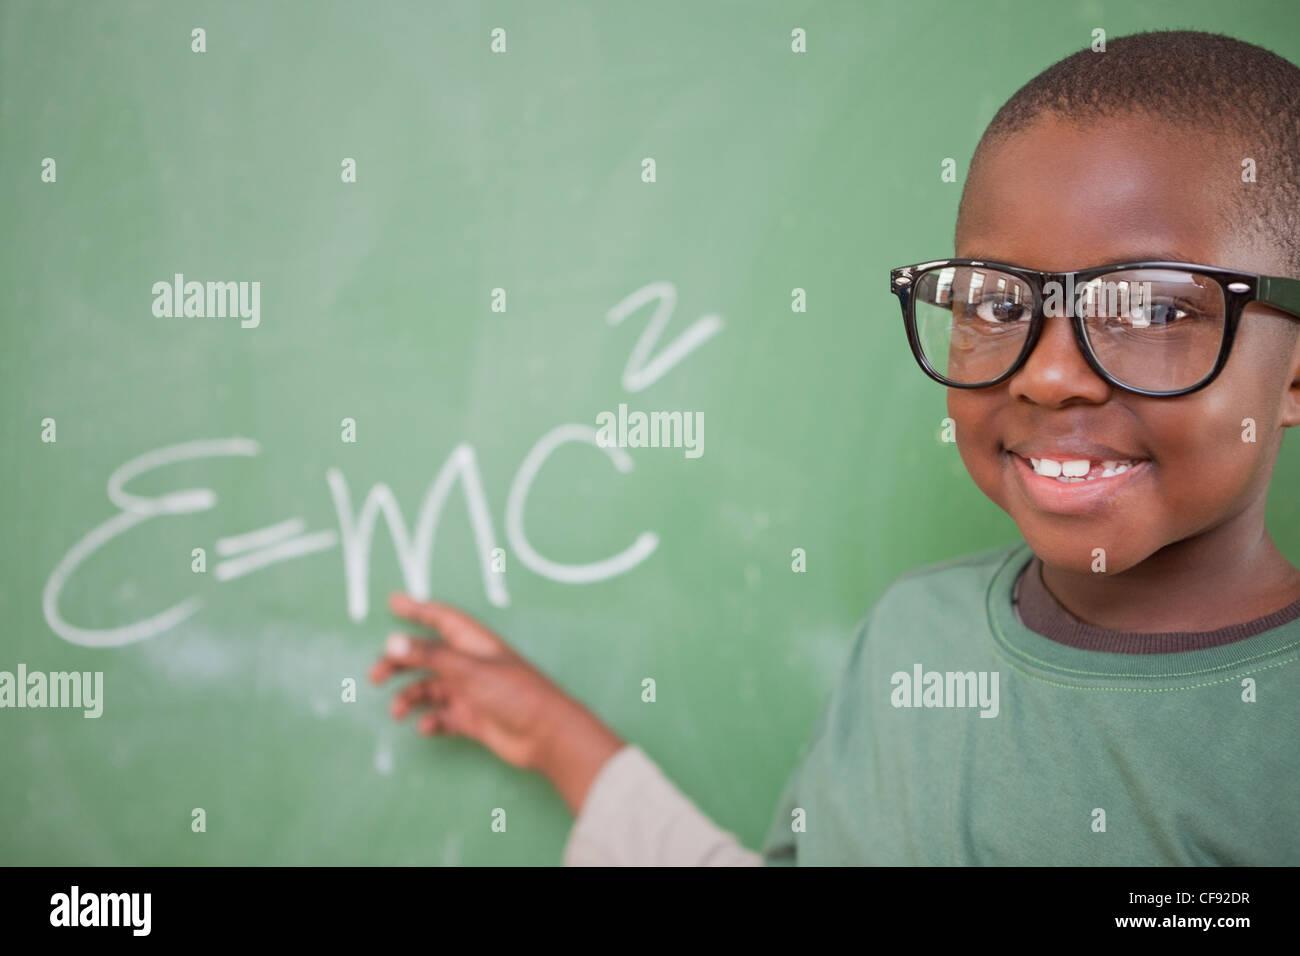 Intelligente Schüler zeigen die Masse – Energie-Äquivalenz Stockfoto